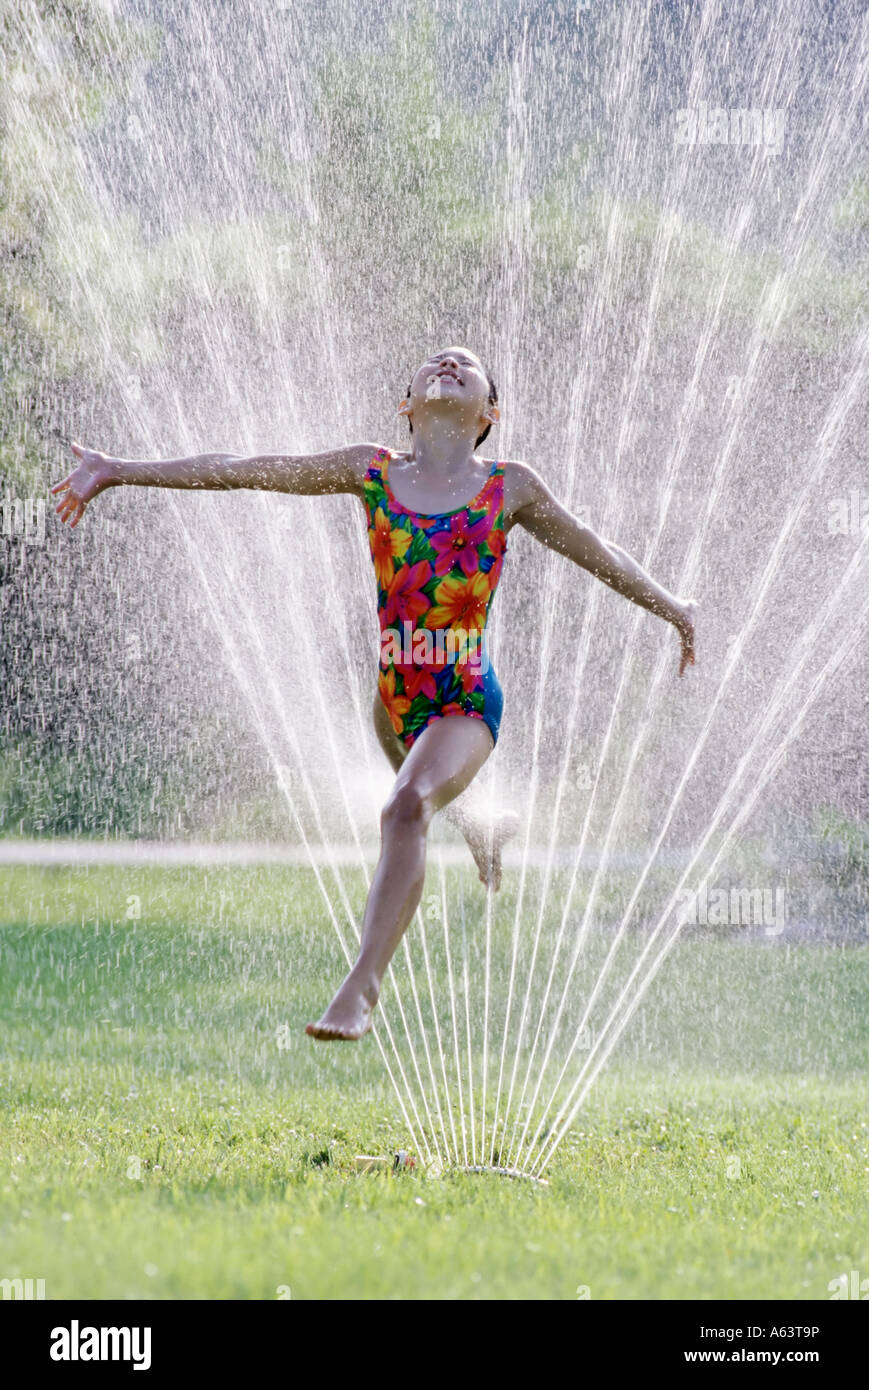 Girl running through sprinkler in a park - Stock Image